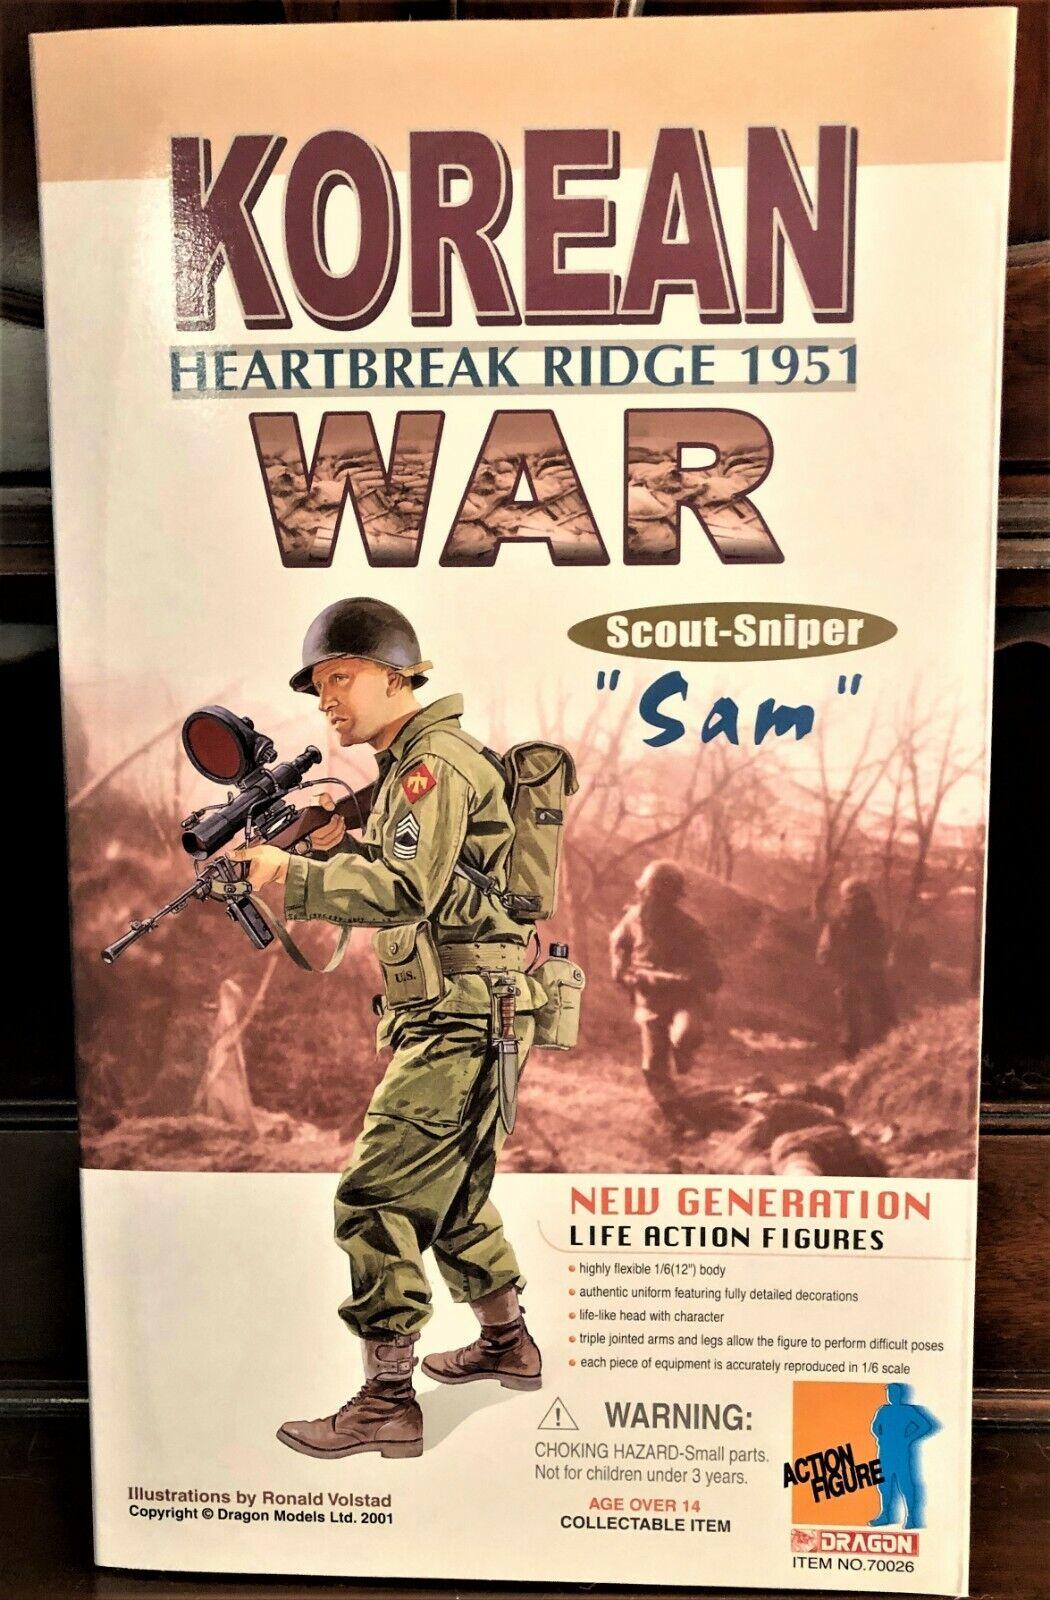 NRFB Korean War  Heartbreak Ridge 1951 Scout-Sniper  Sam